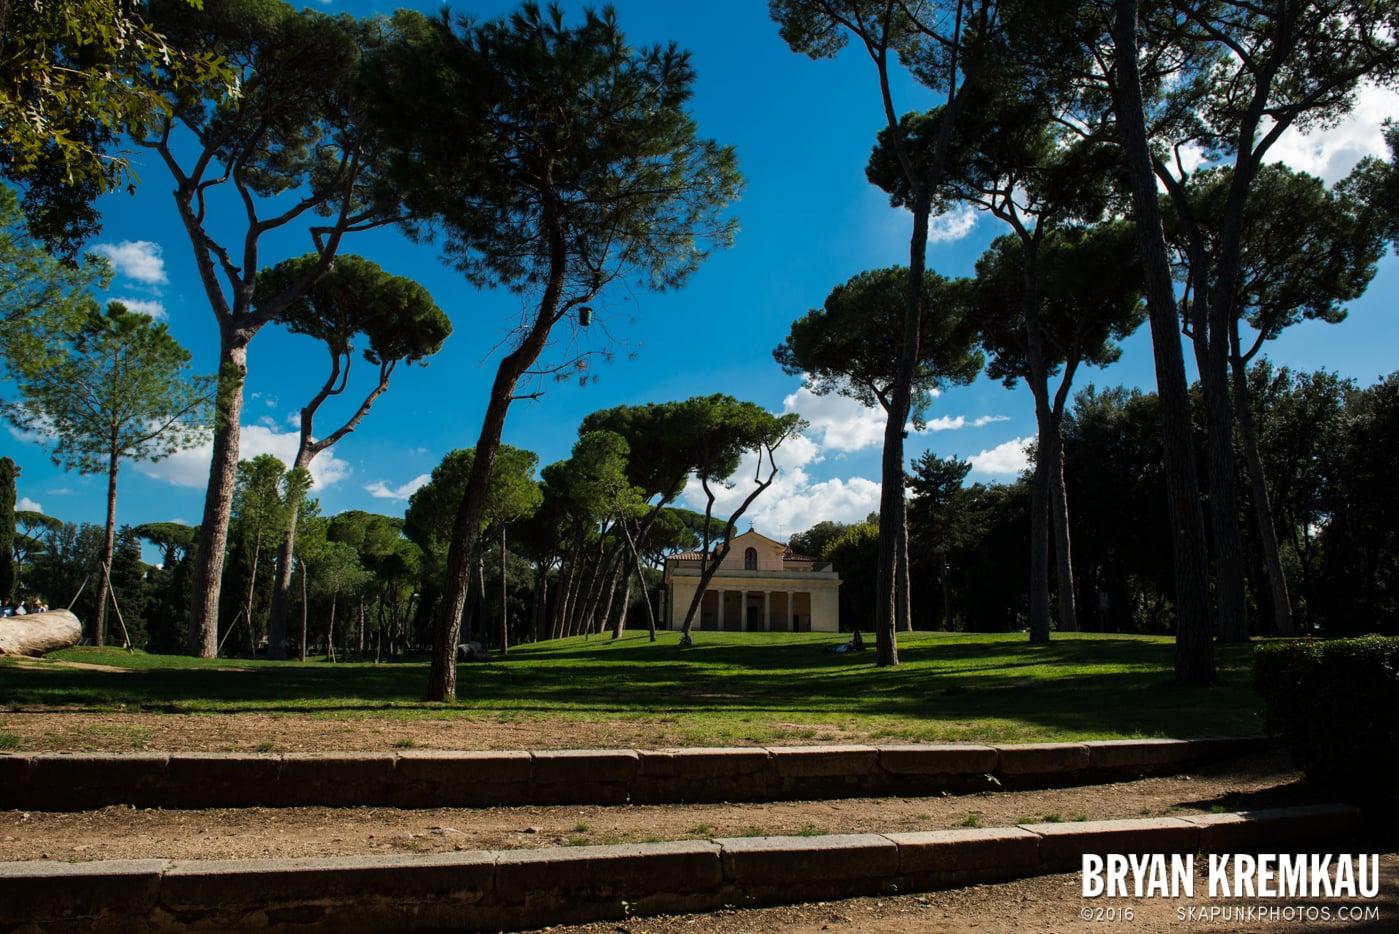 Italy Vacation - Day 12: Rome - 9.20.13 (19)